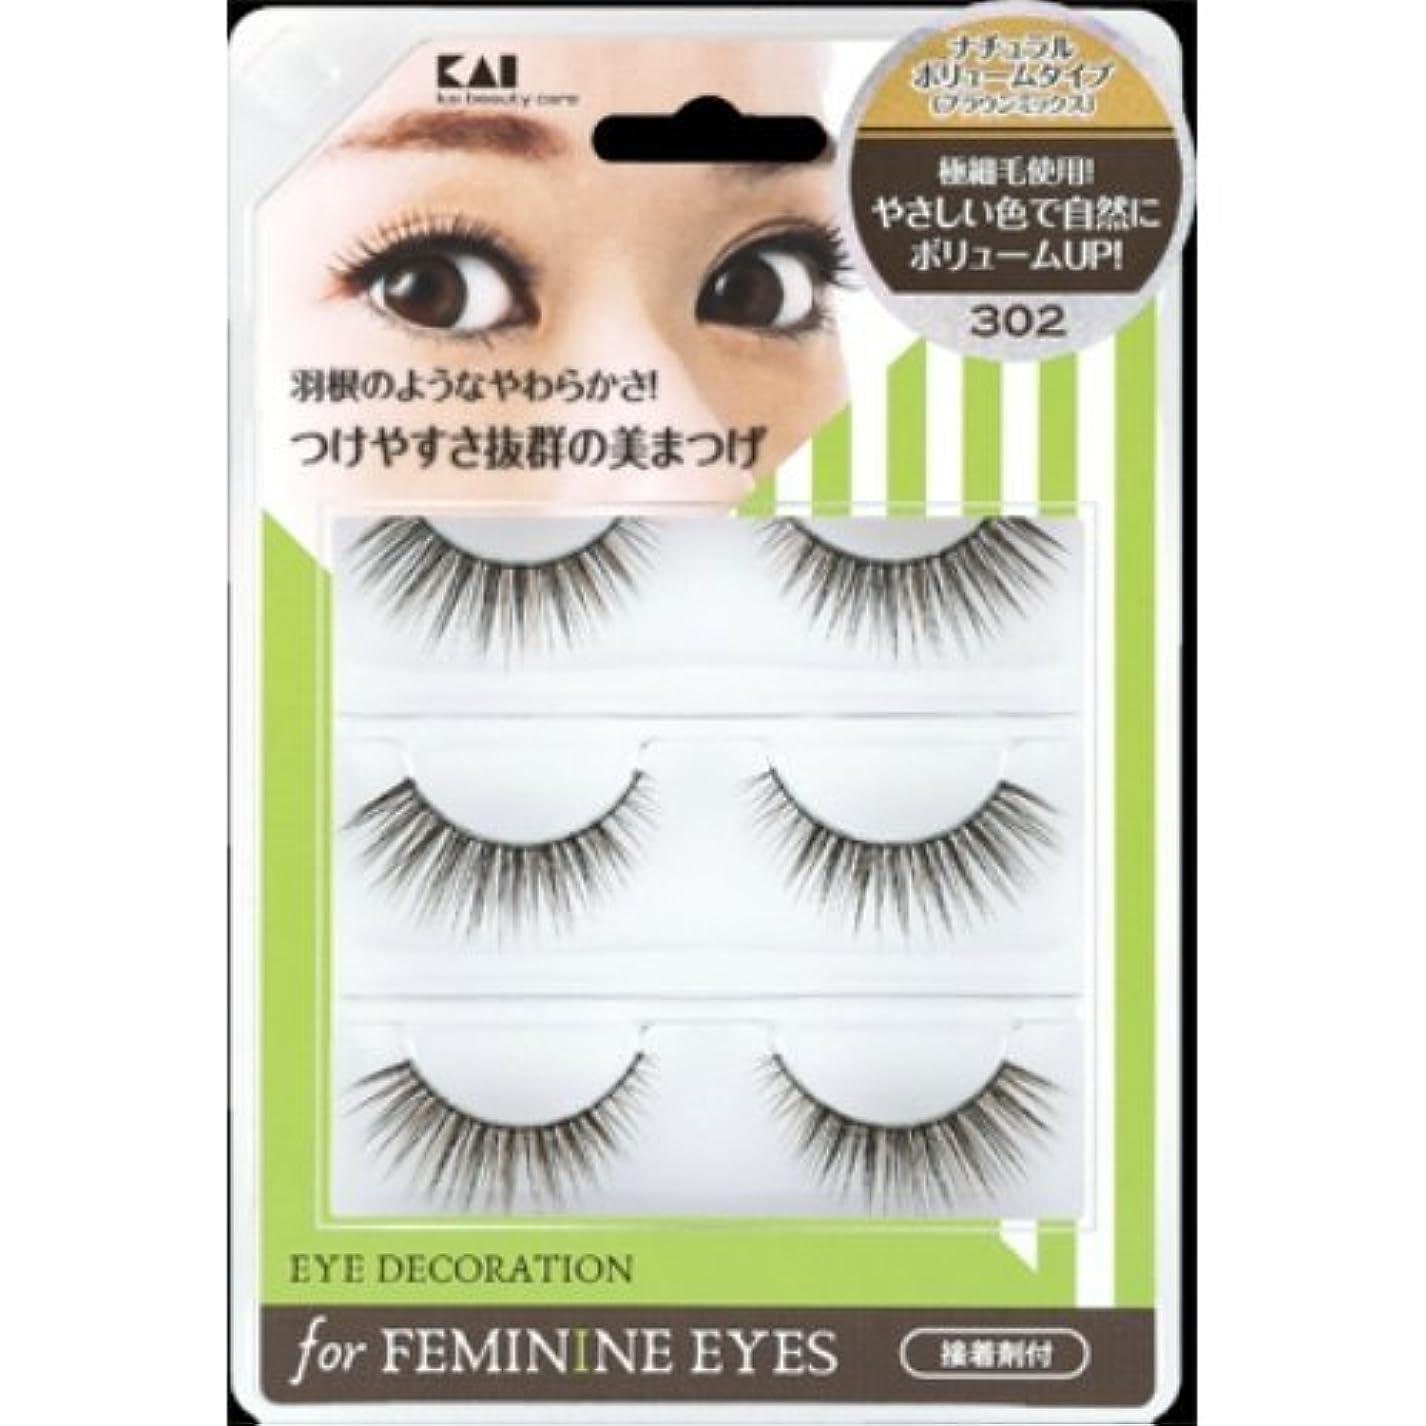 便益広々弾薬貝印 アイデコレーション for feminine eyes 302 HC1562